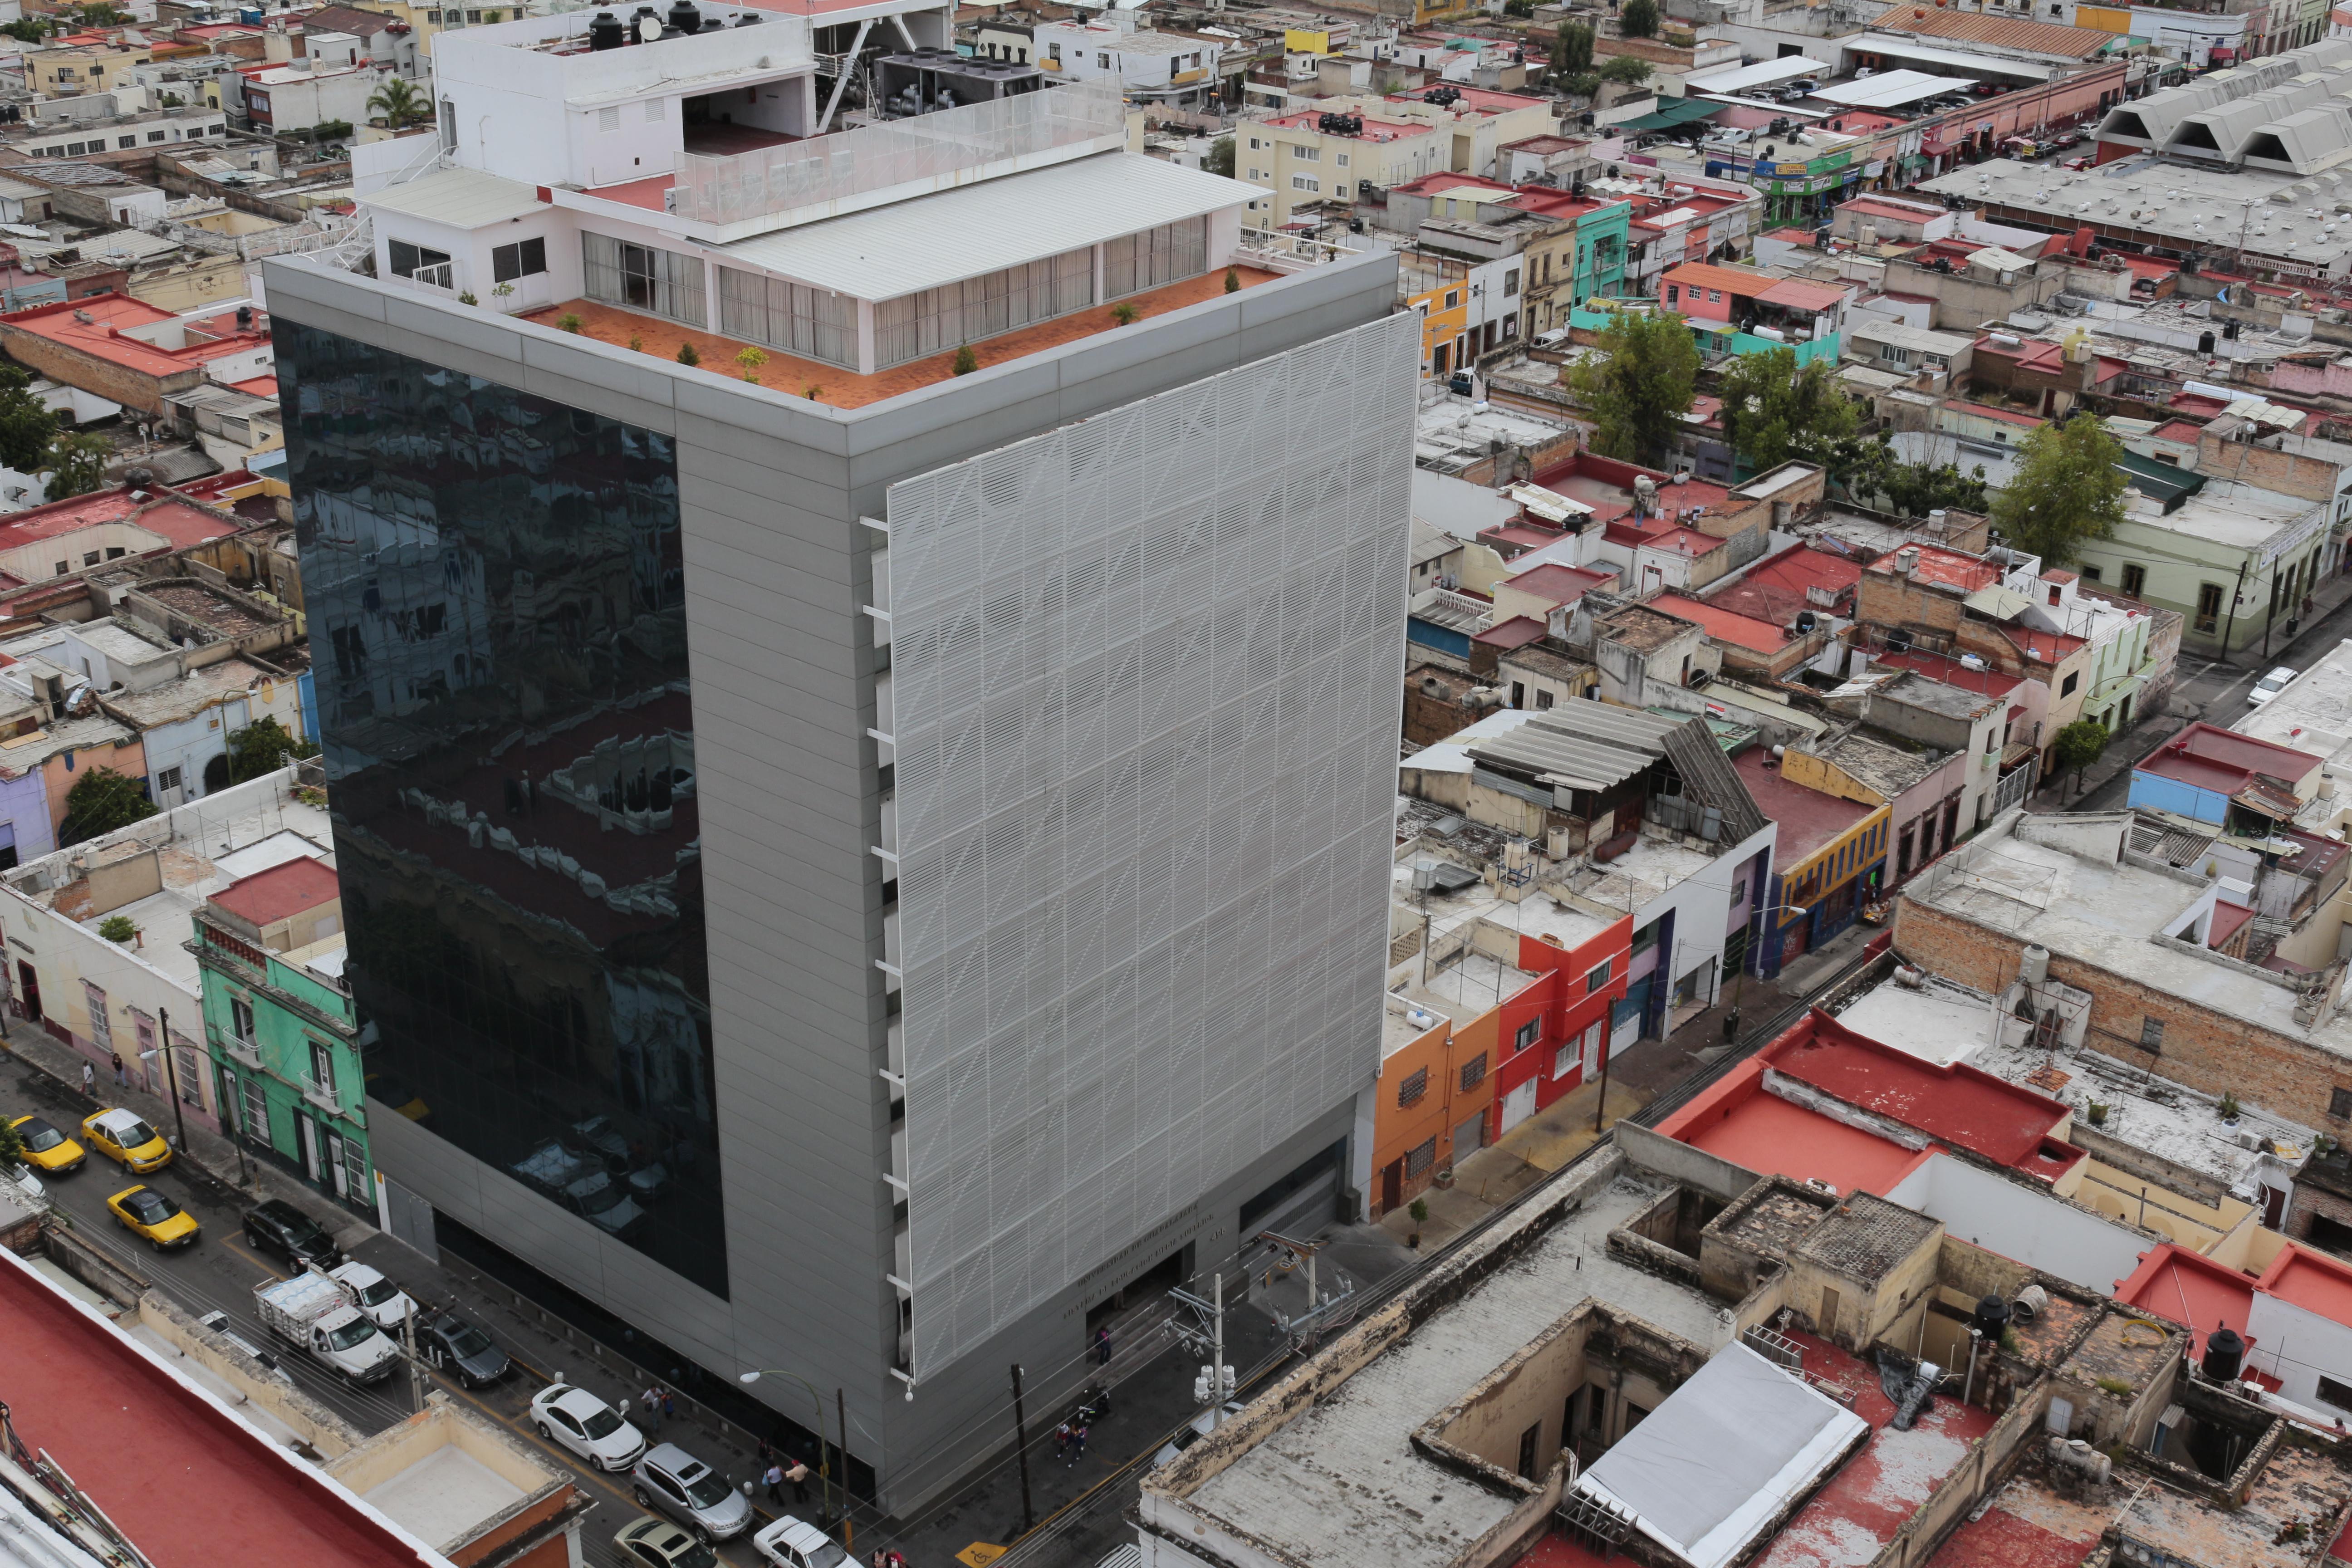 Vista aérea del edificio del Sistema de Educación Media Superior de la Universidad de Guadalajara.